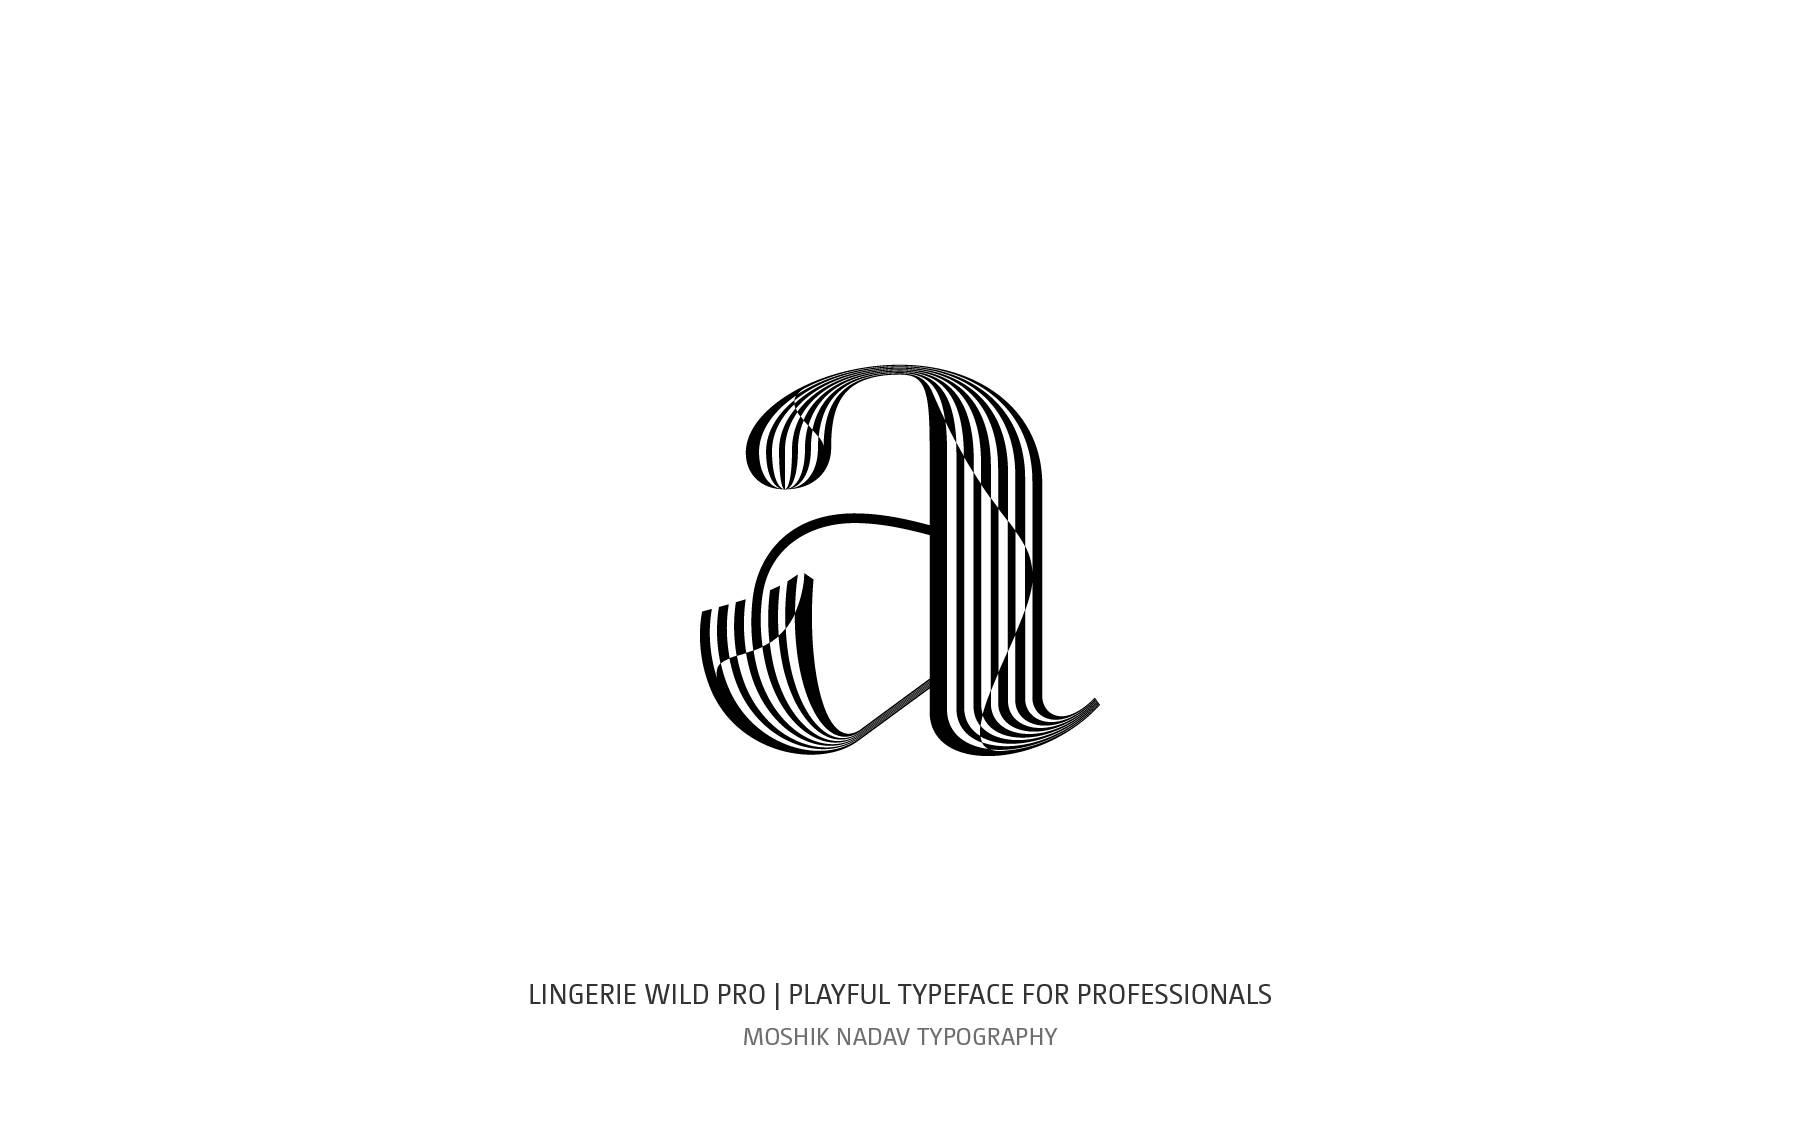 BW new font by Moshik Nadav Typography